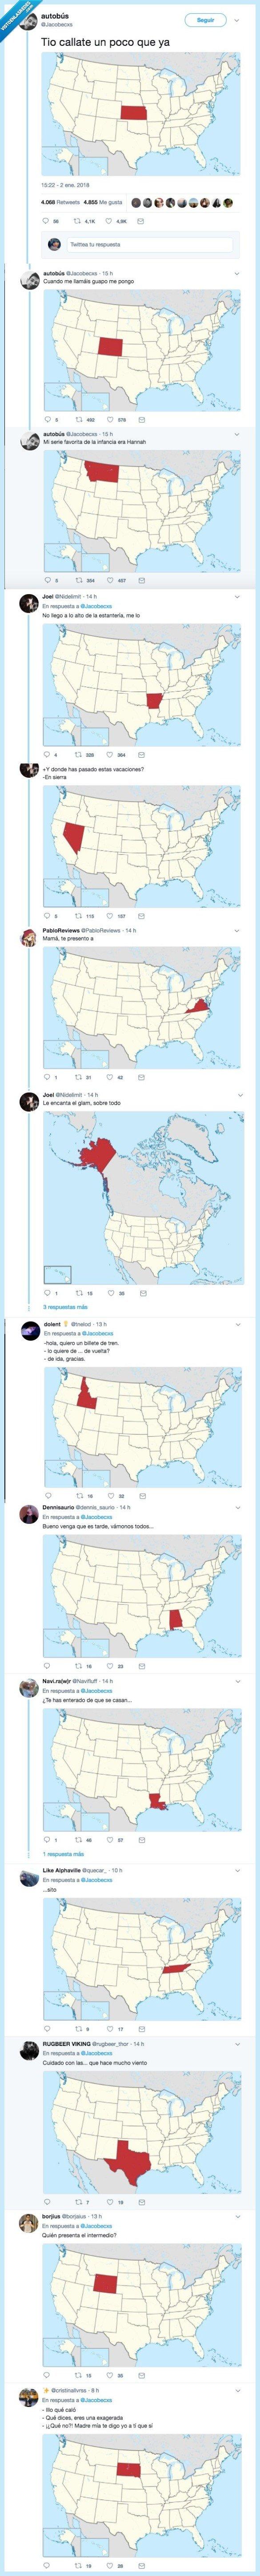 480360 - Se hace viral este juego con los estados de USA y hay algunos que son buenísimos, por @Jacobecxs